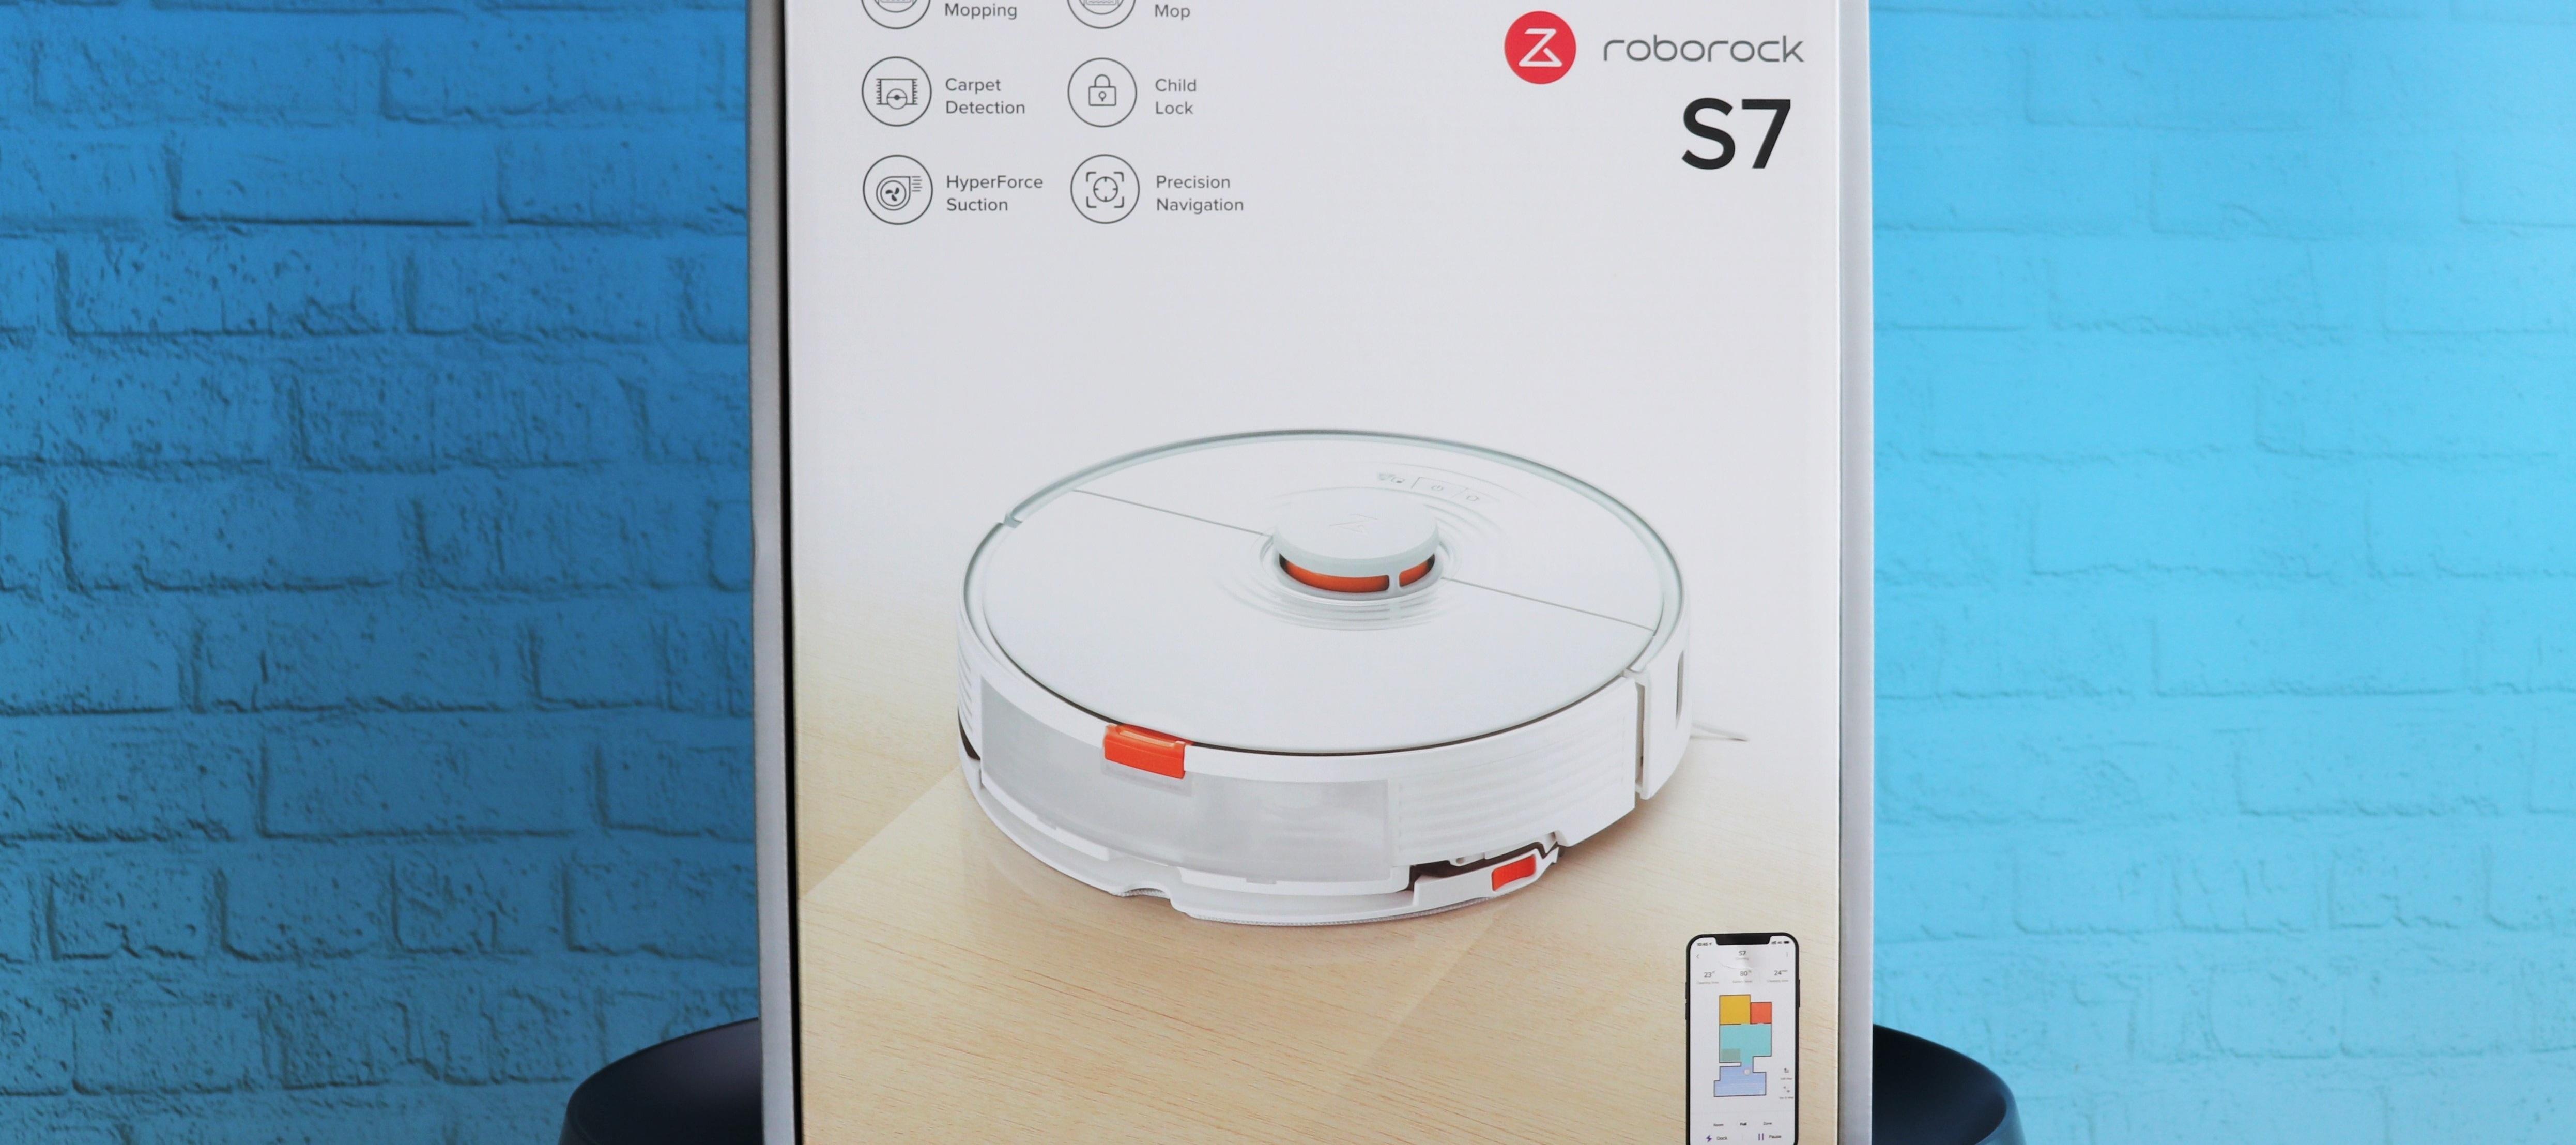 Lust einen Staubsaugerroboter zu testen? Bewirb dich jetzt für den neuen Xiaomi Roborock S7